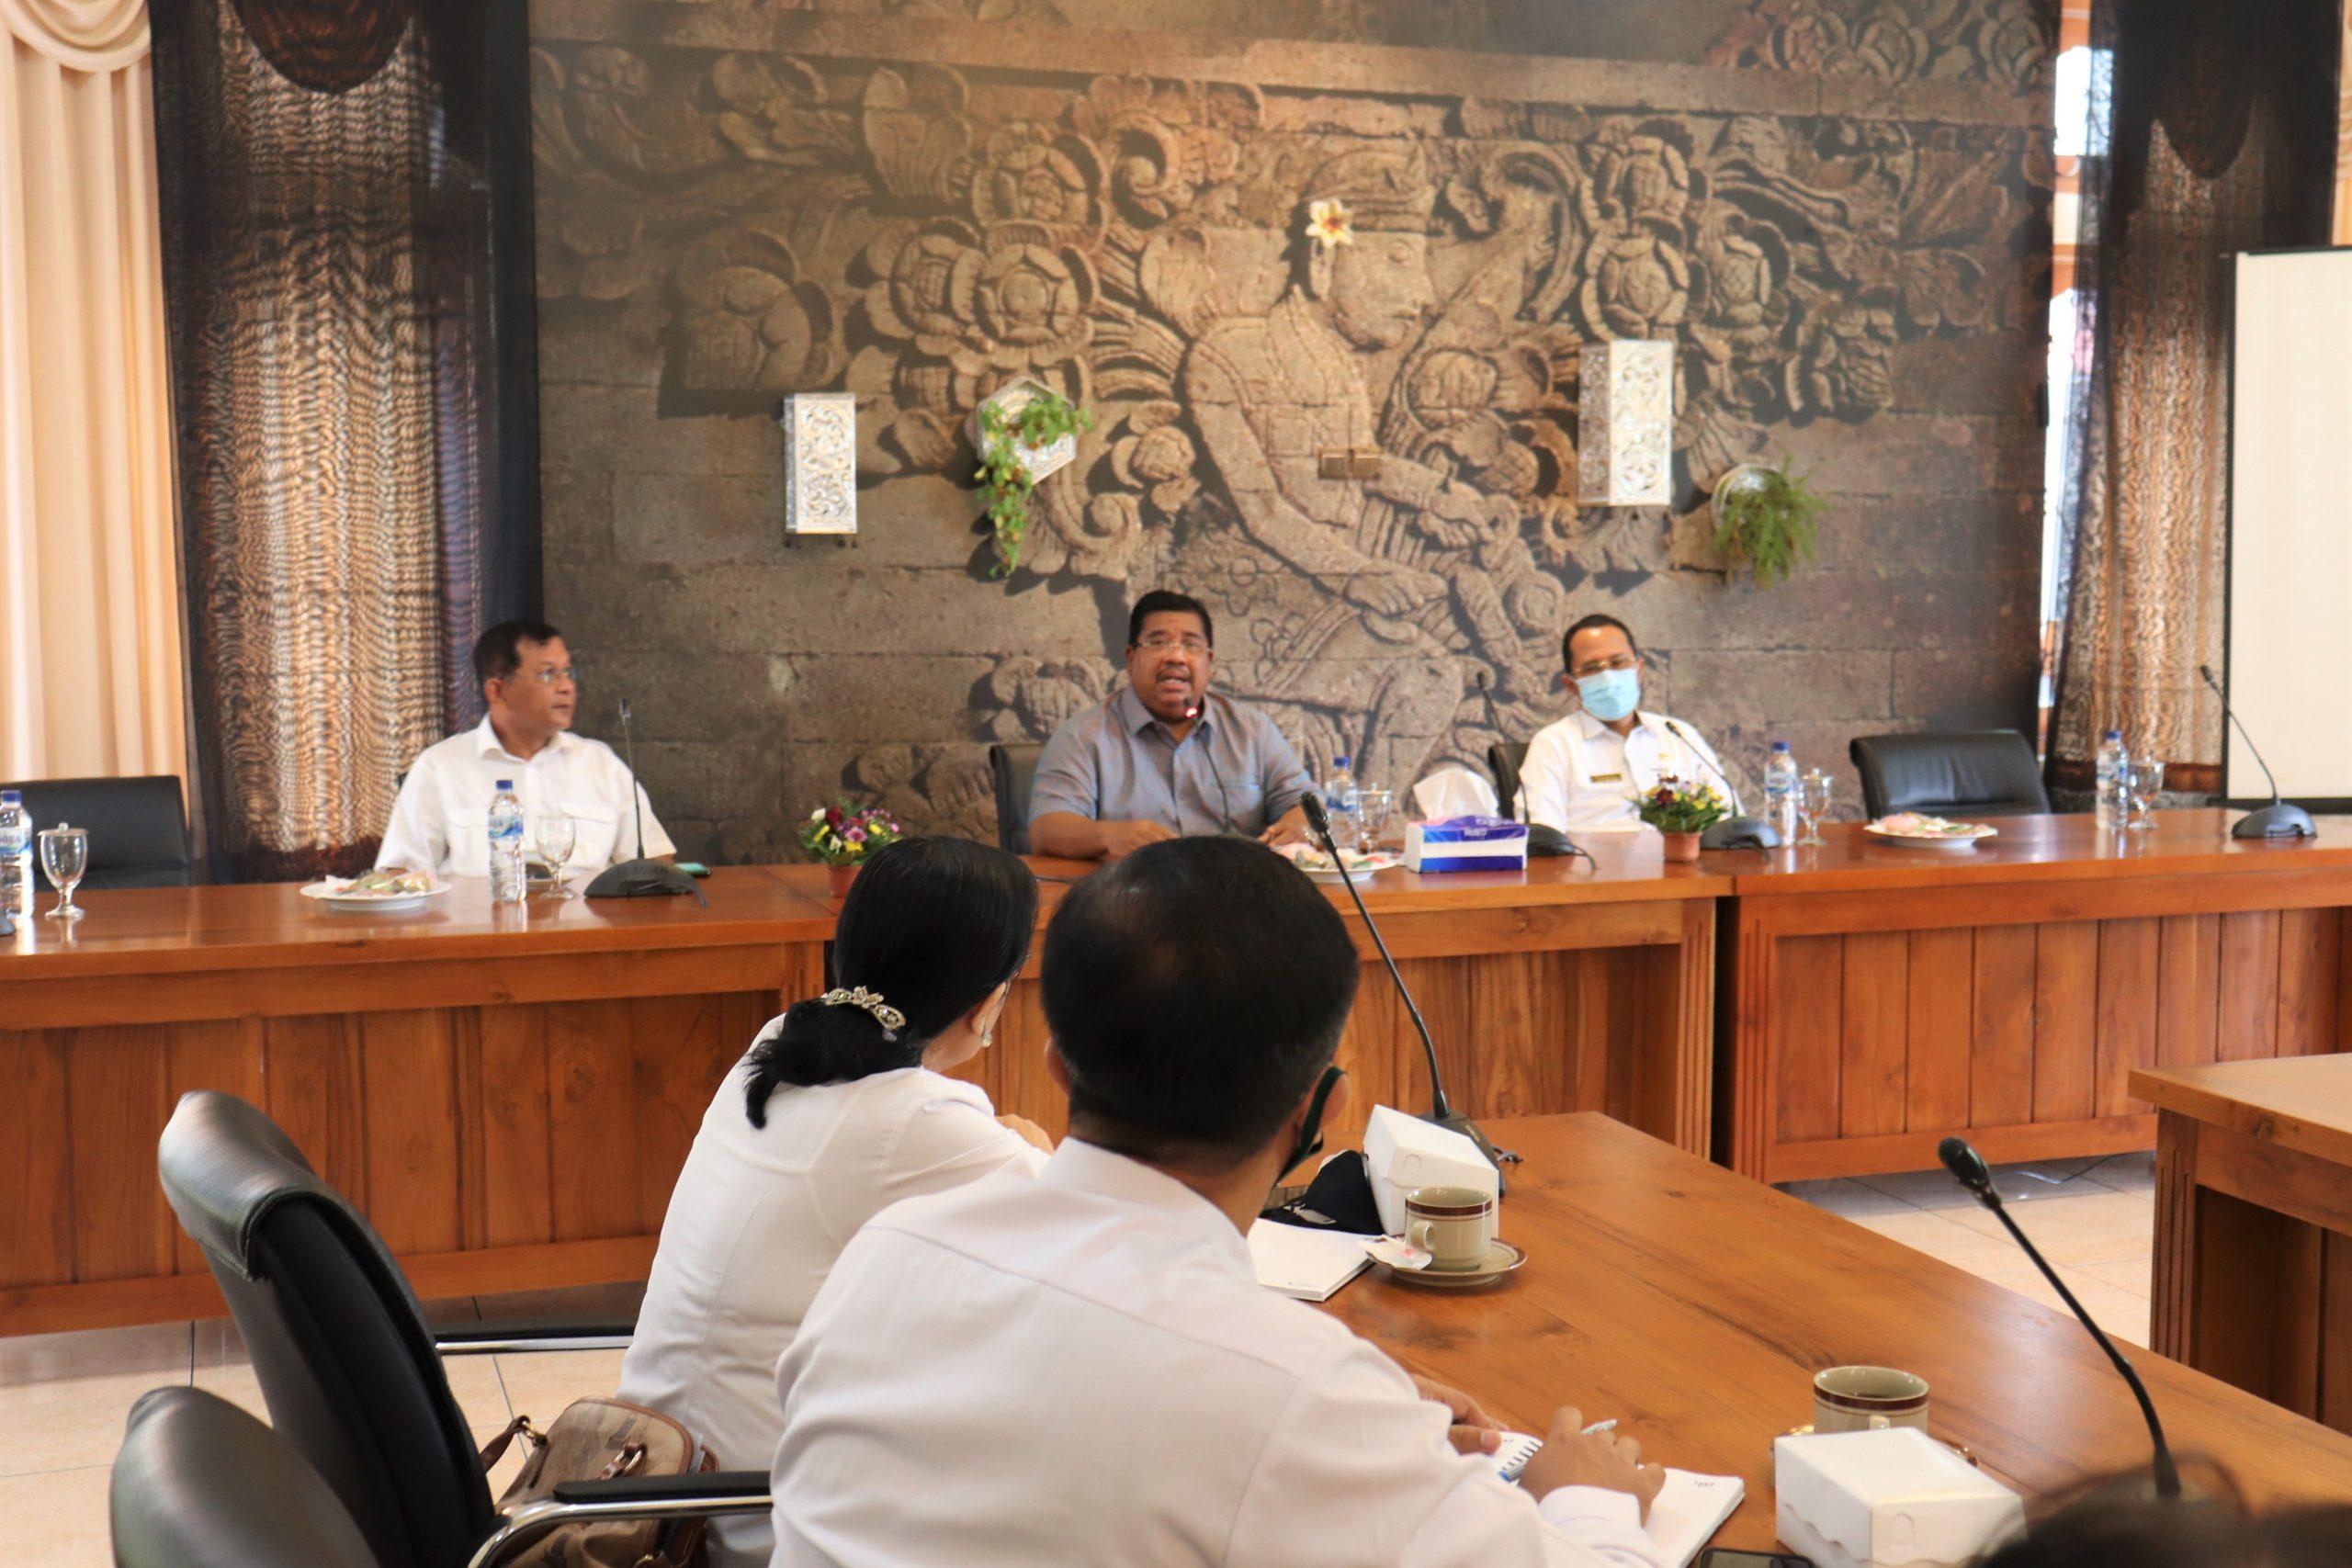 RAPAT membahas pengelolaan Pasar Banyuasri setelah nantinya diresmikan. Foto: rik